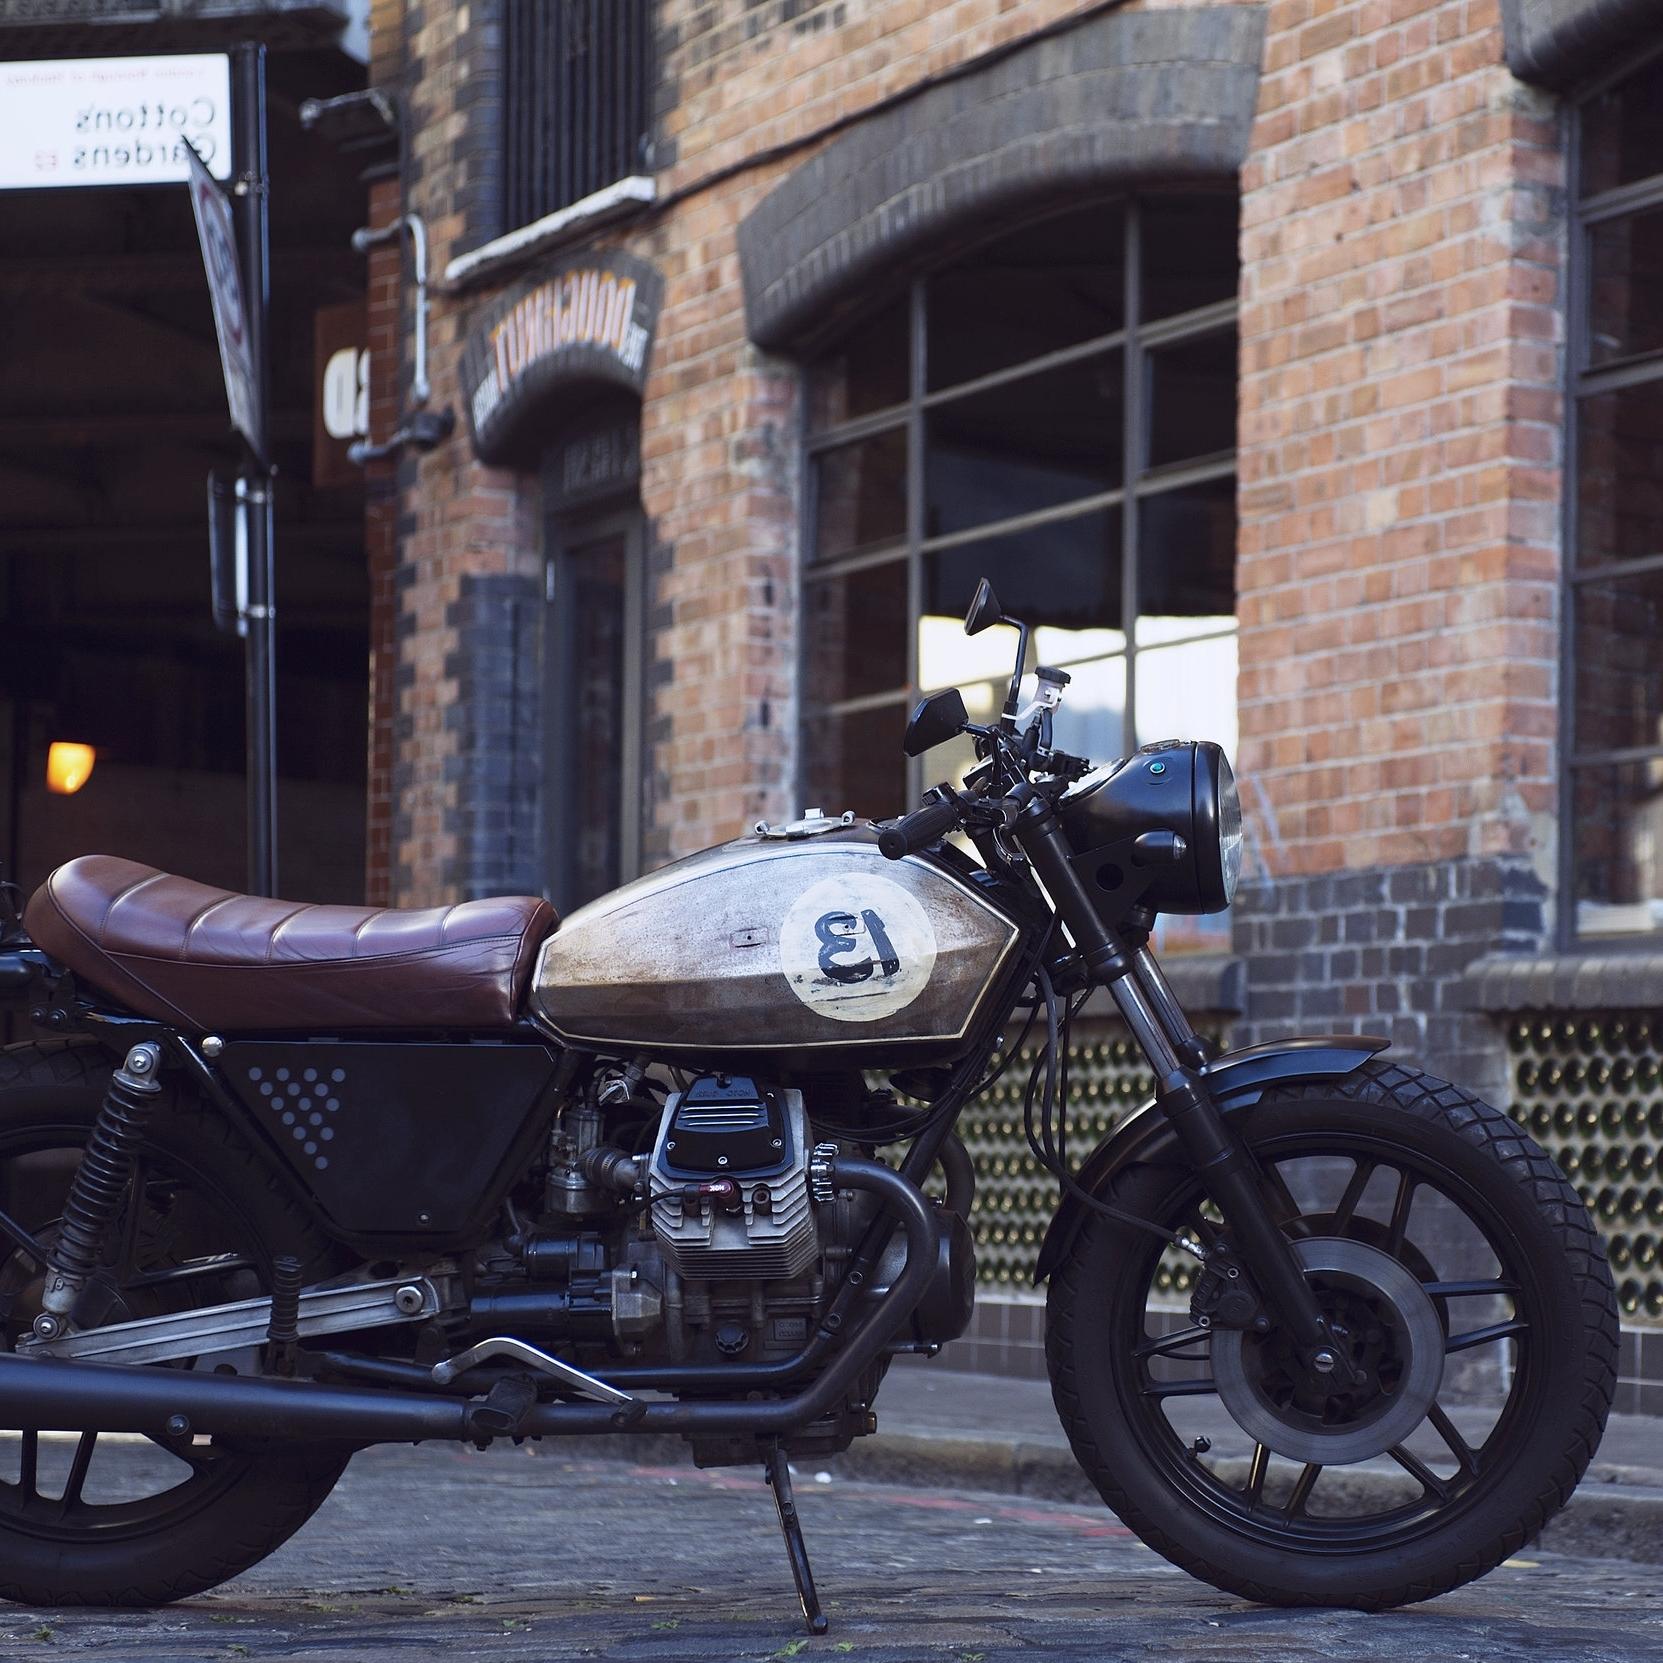 UMC-045LUCKY 13 - Moto Guzzi V50